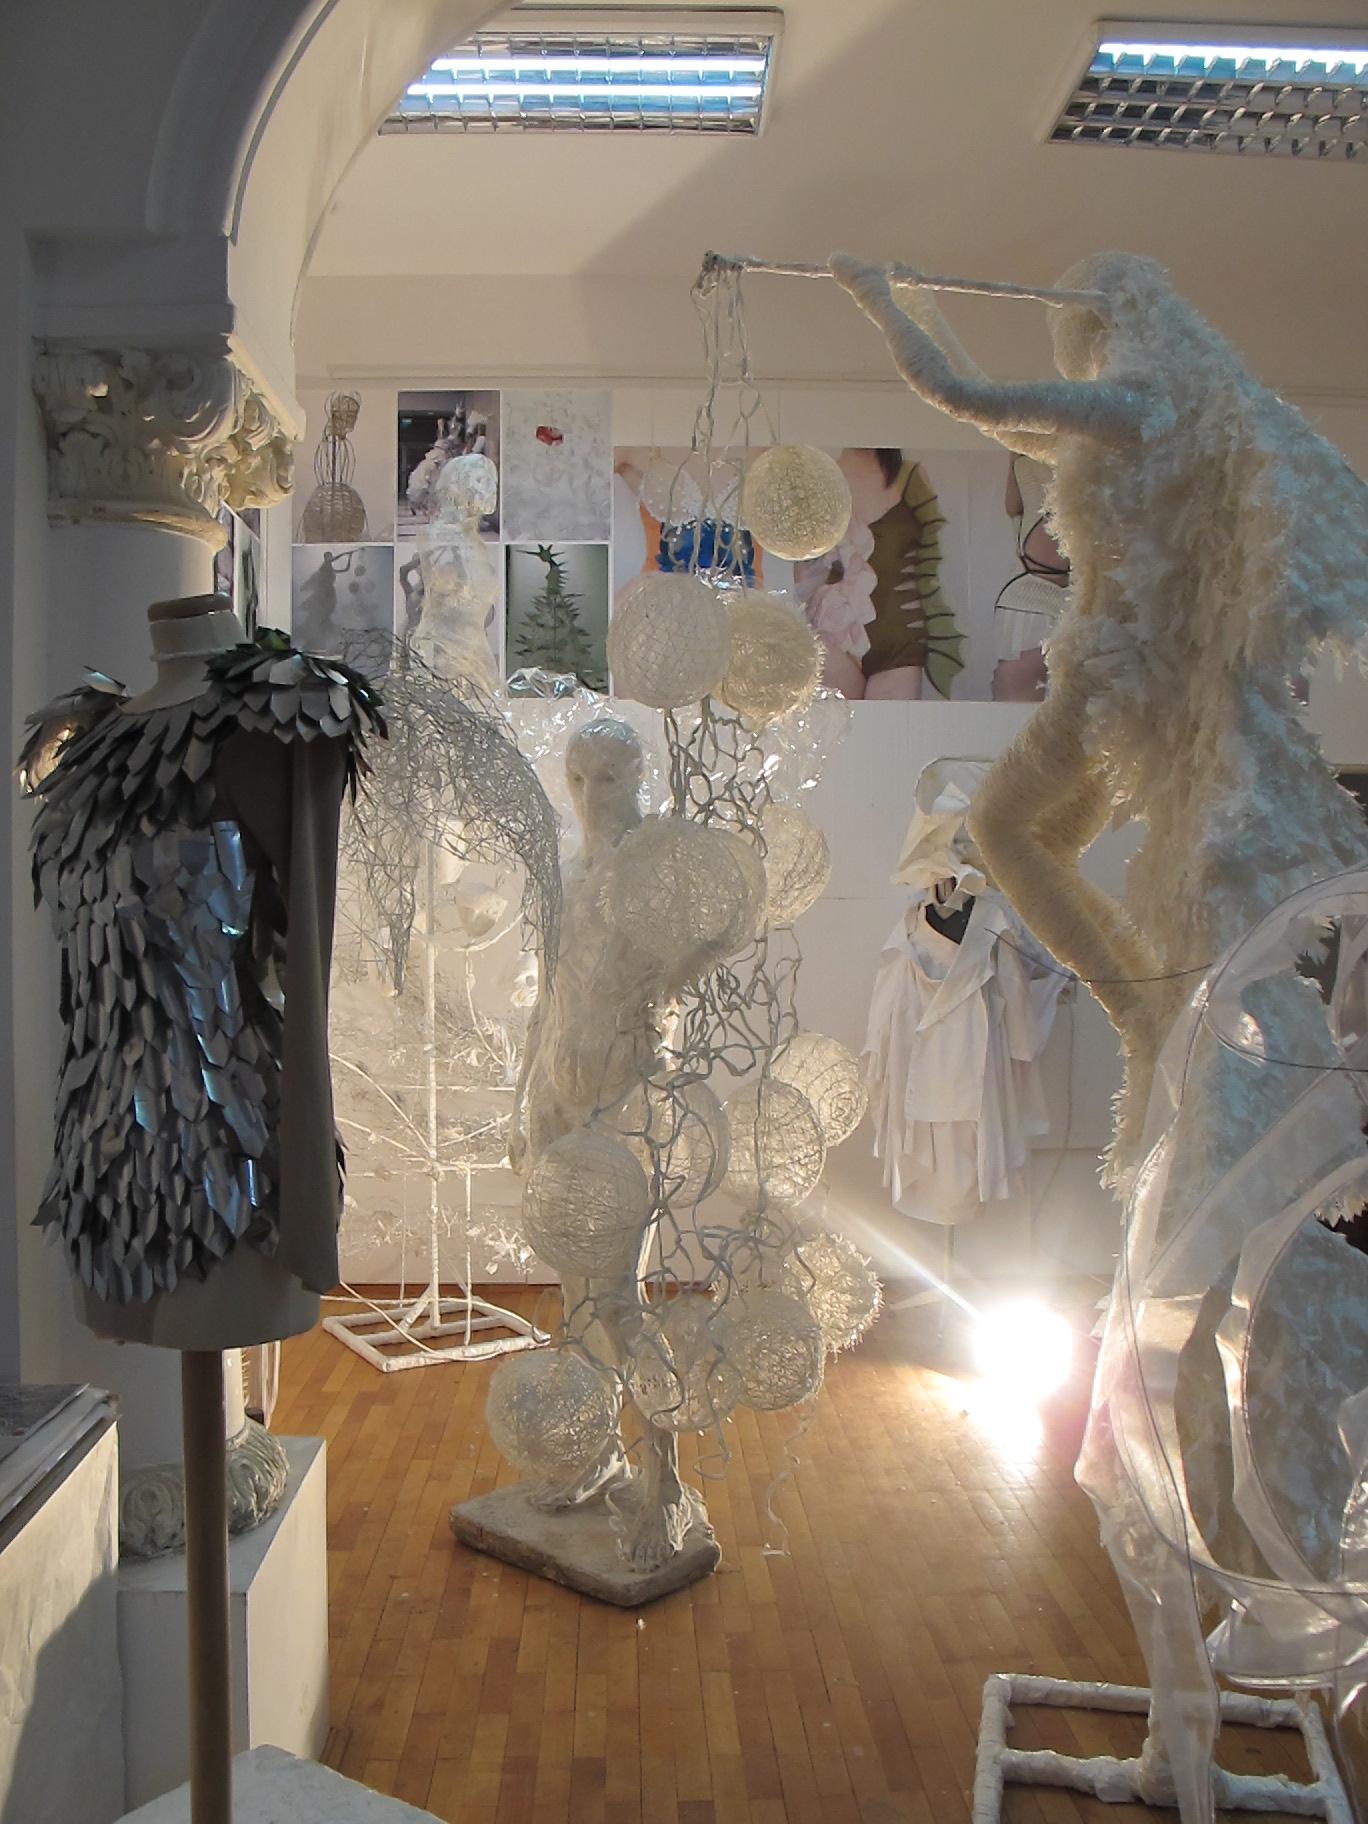 Lucrarile stundetilor de la Moda, master, UNArte, februarie 2013